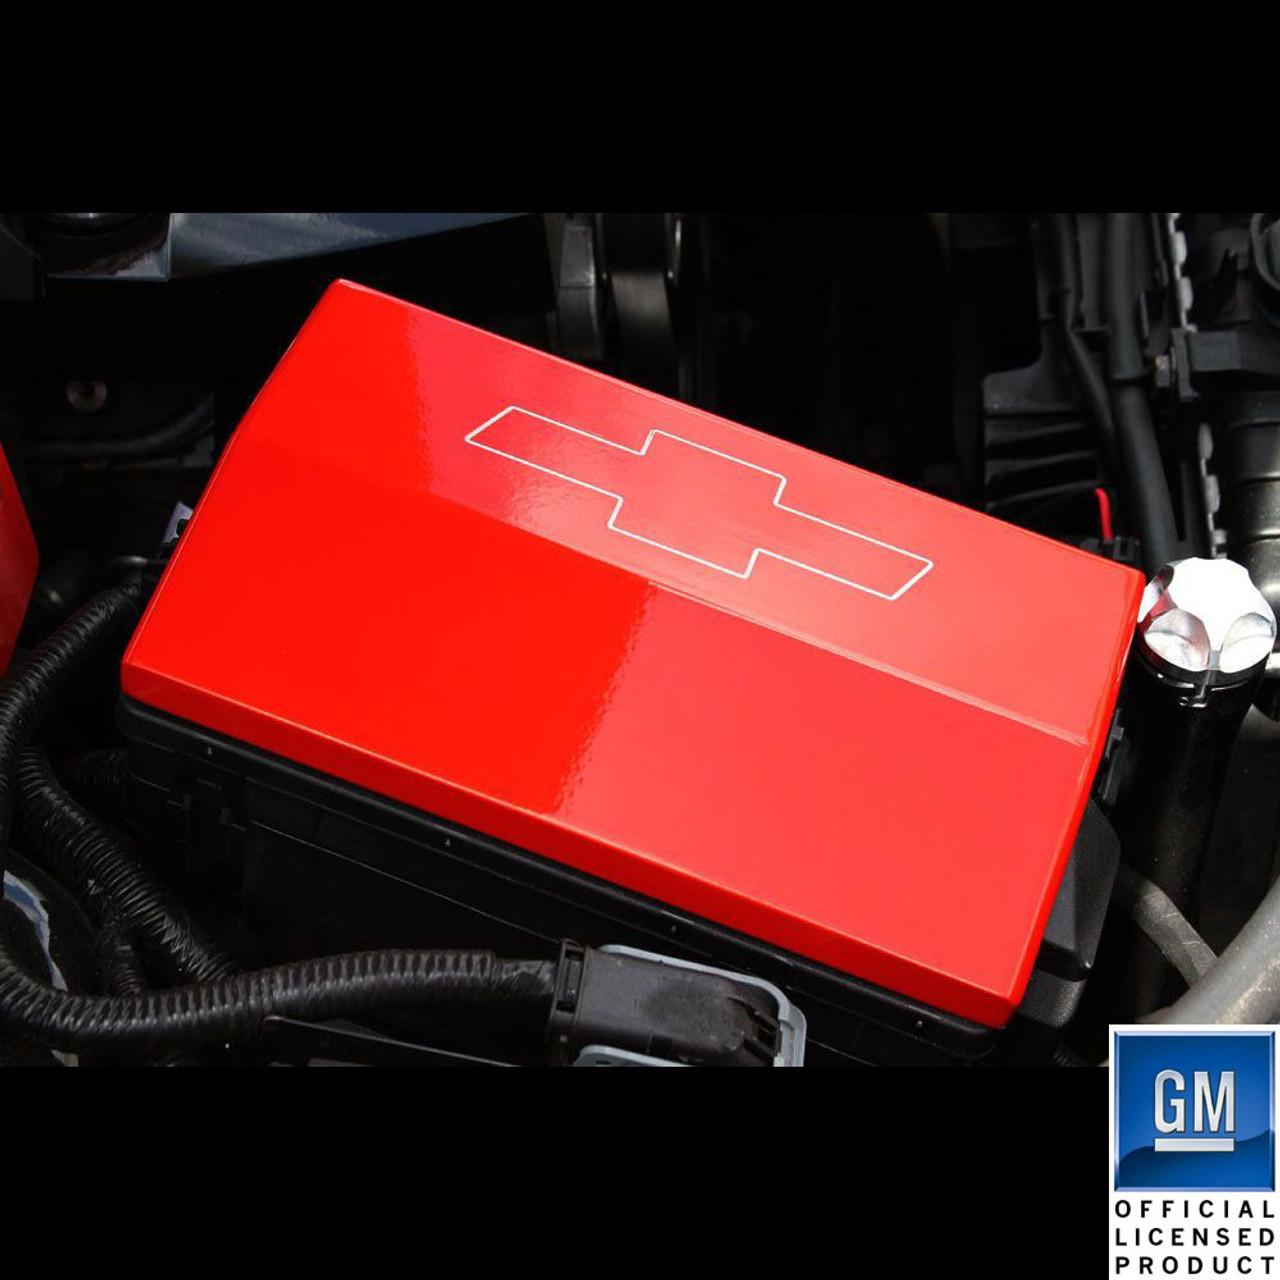 10-14 Chevrolet Camaro Billet Fusebox Cover Bowtie | Chevrolet Fuse Box Cover |  | UPR Products